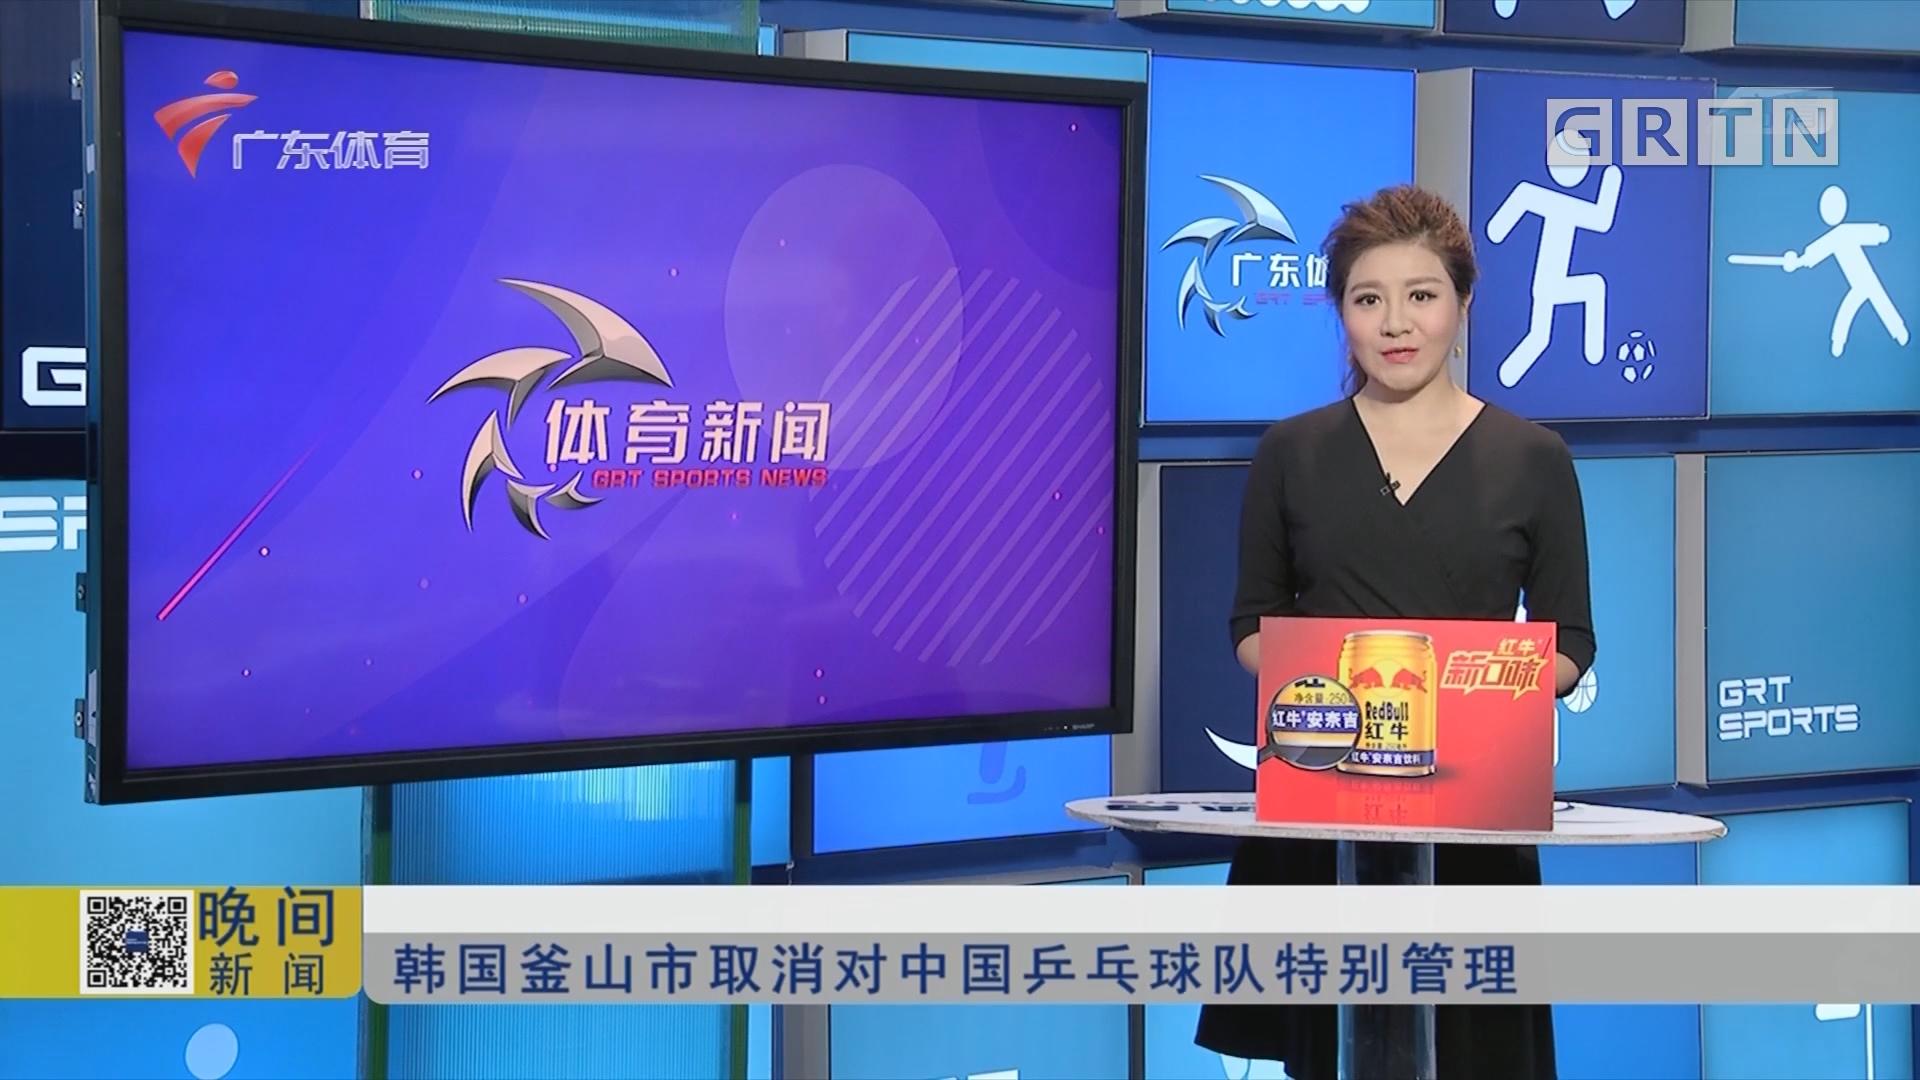 韩国釜山市取消对中国乒乓球队特别管理